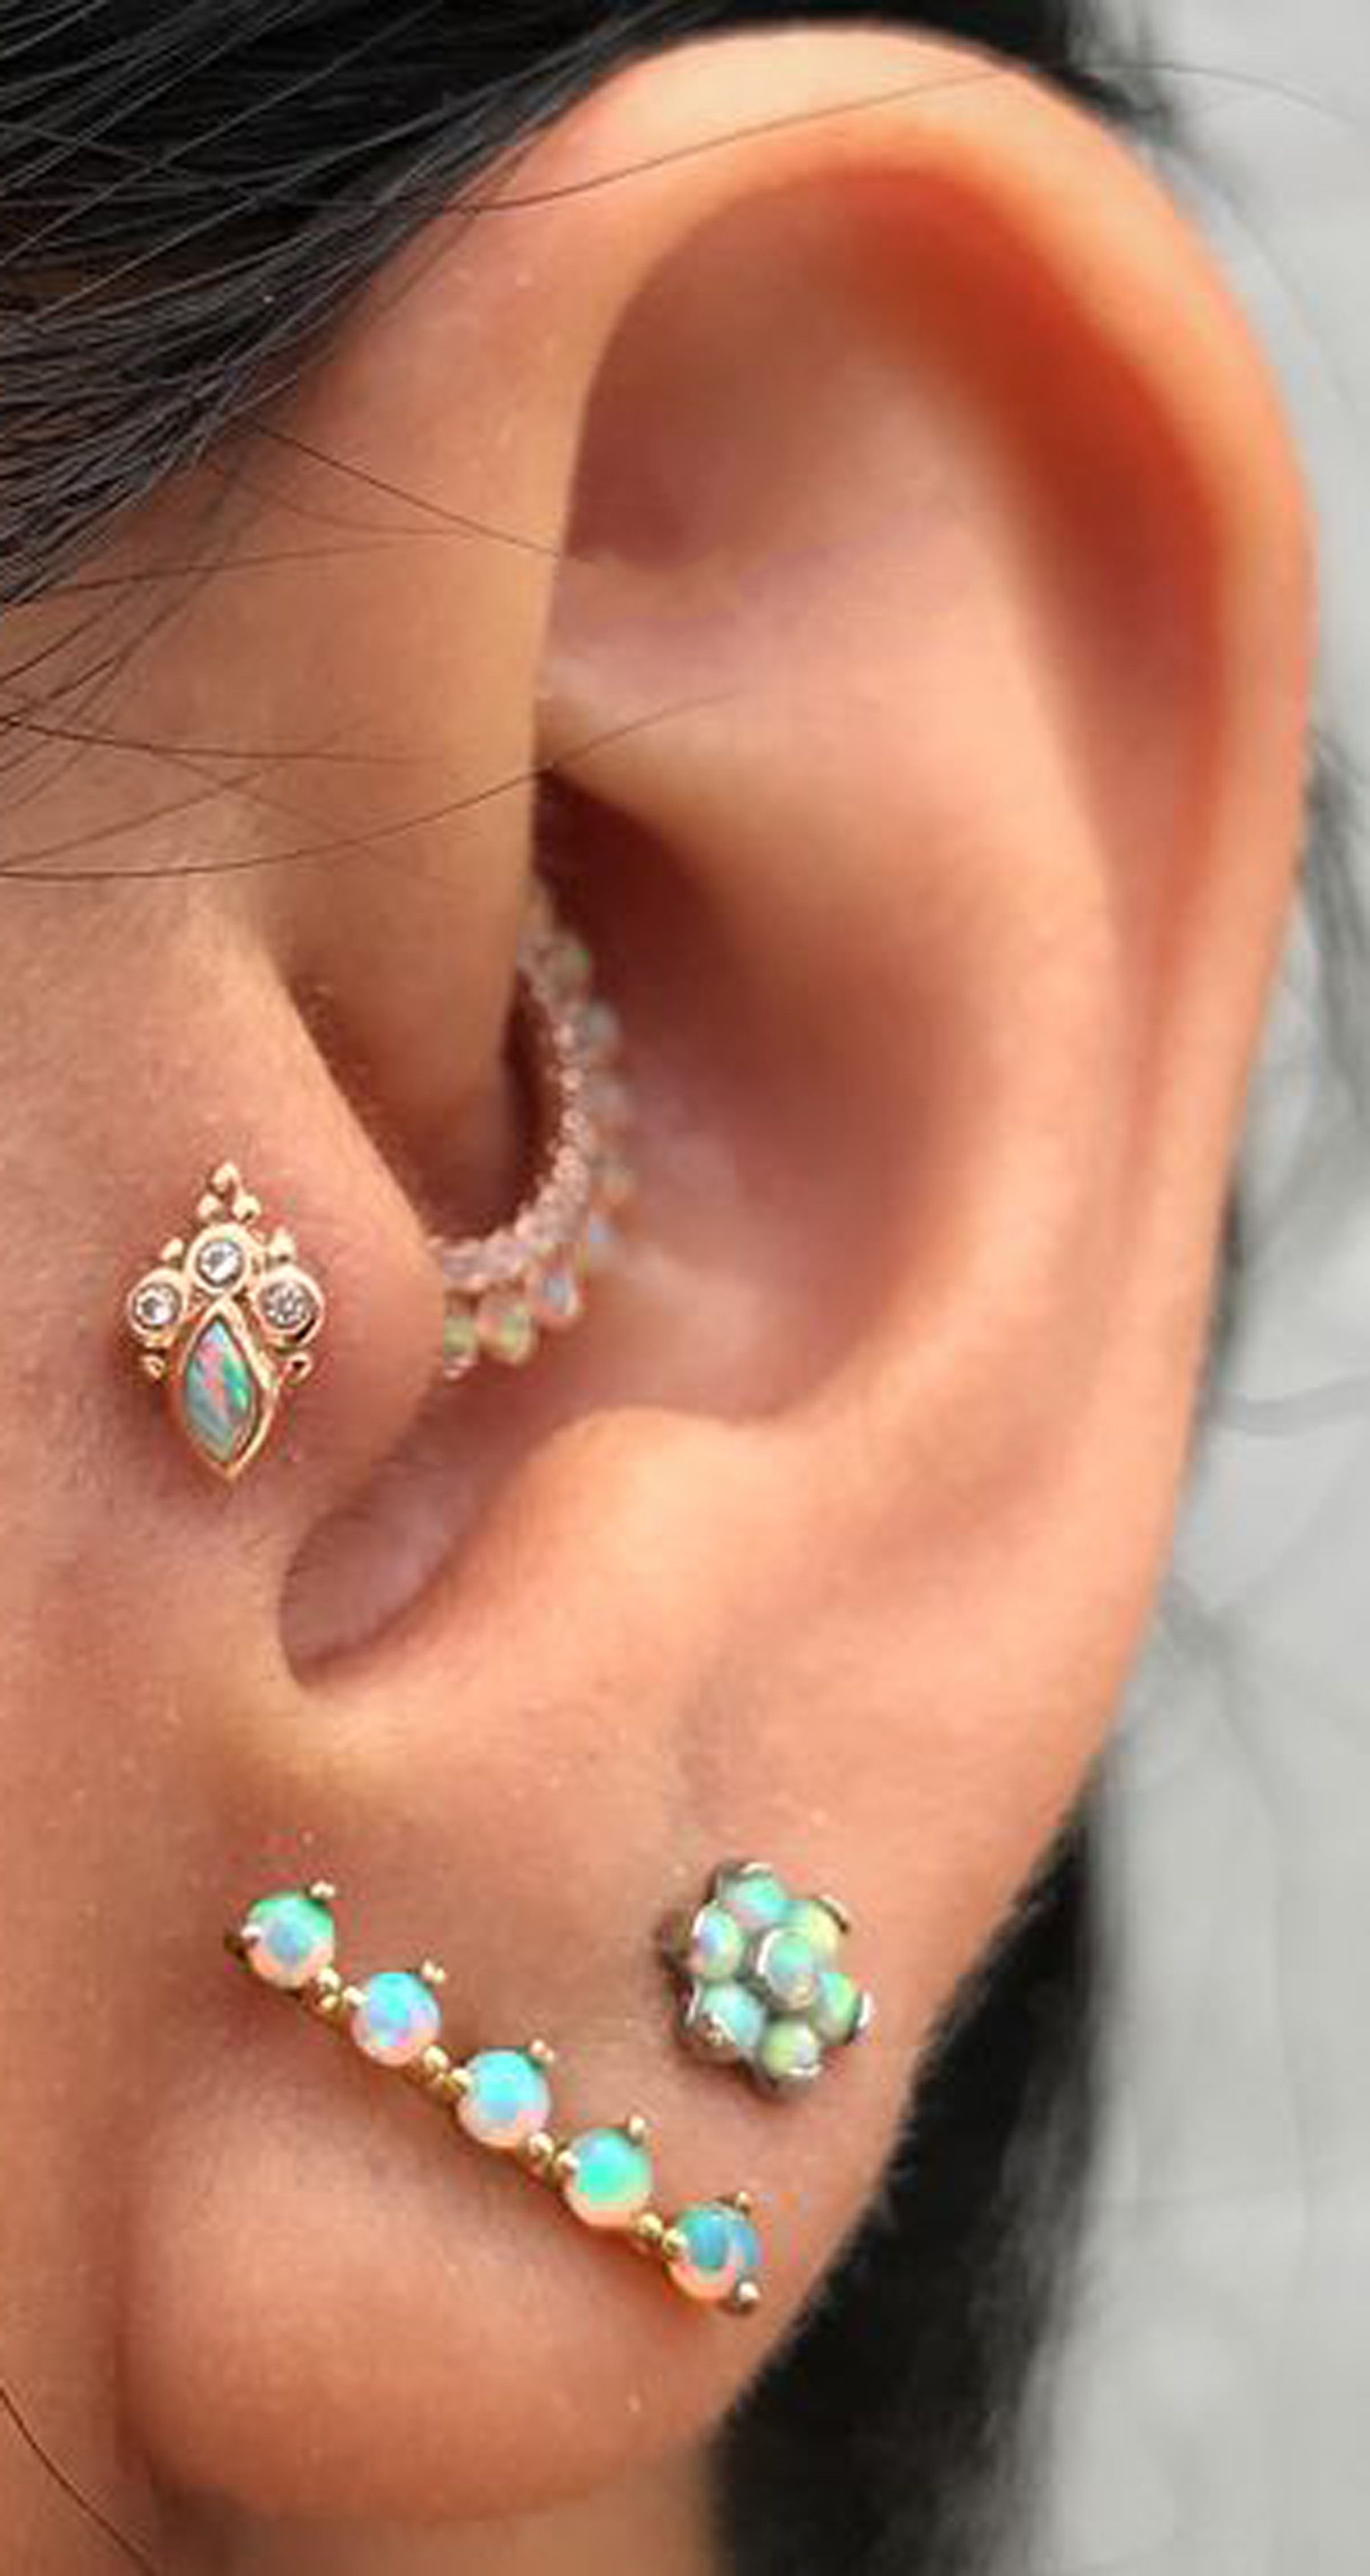 opal multiple ear piercing ideas for women  cute opal ear piercing ideas for women for tragus daith ear lobe